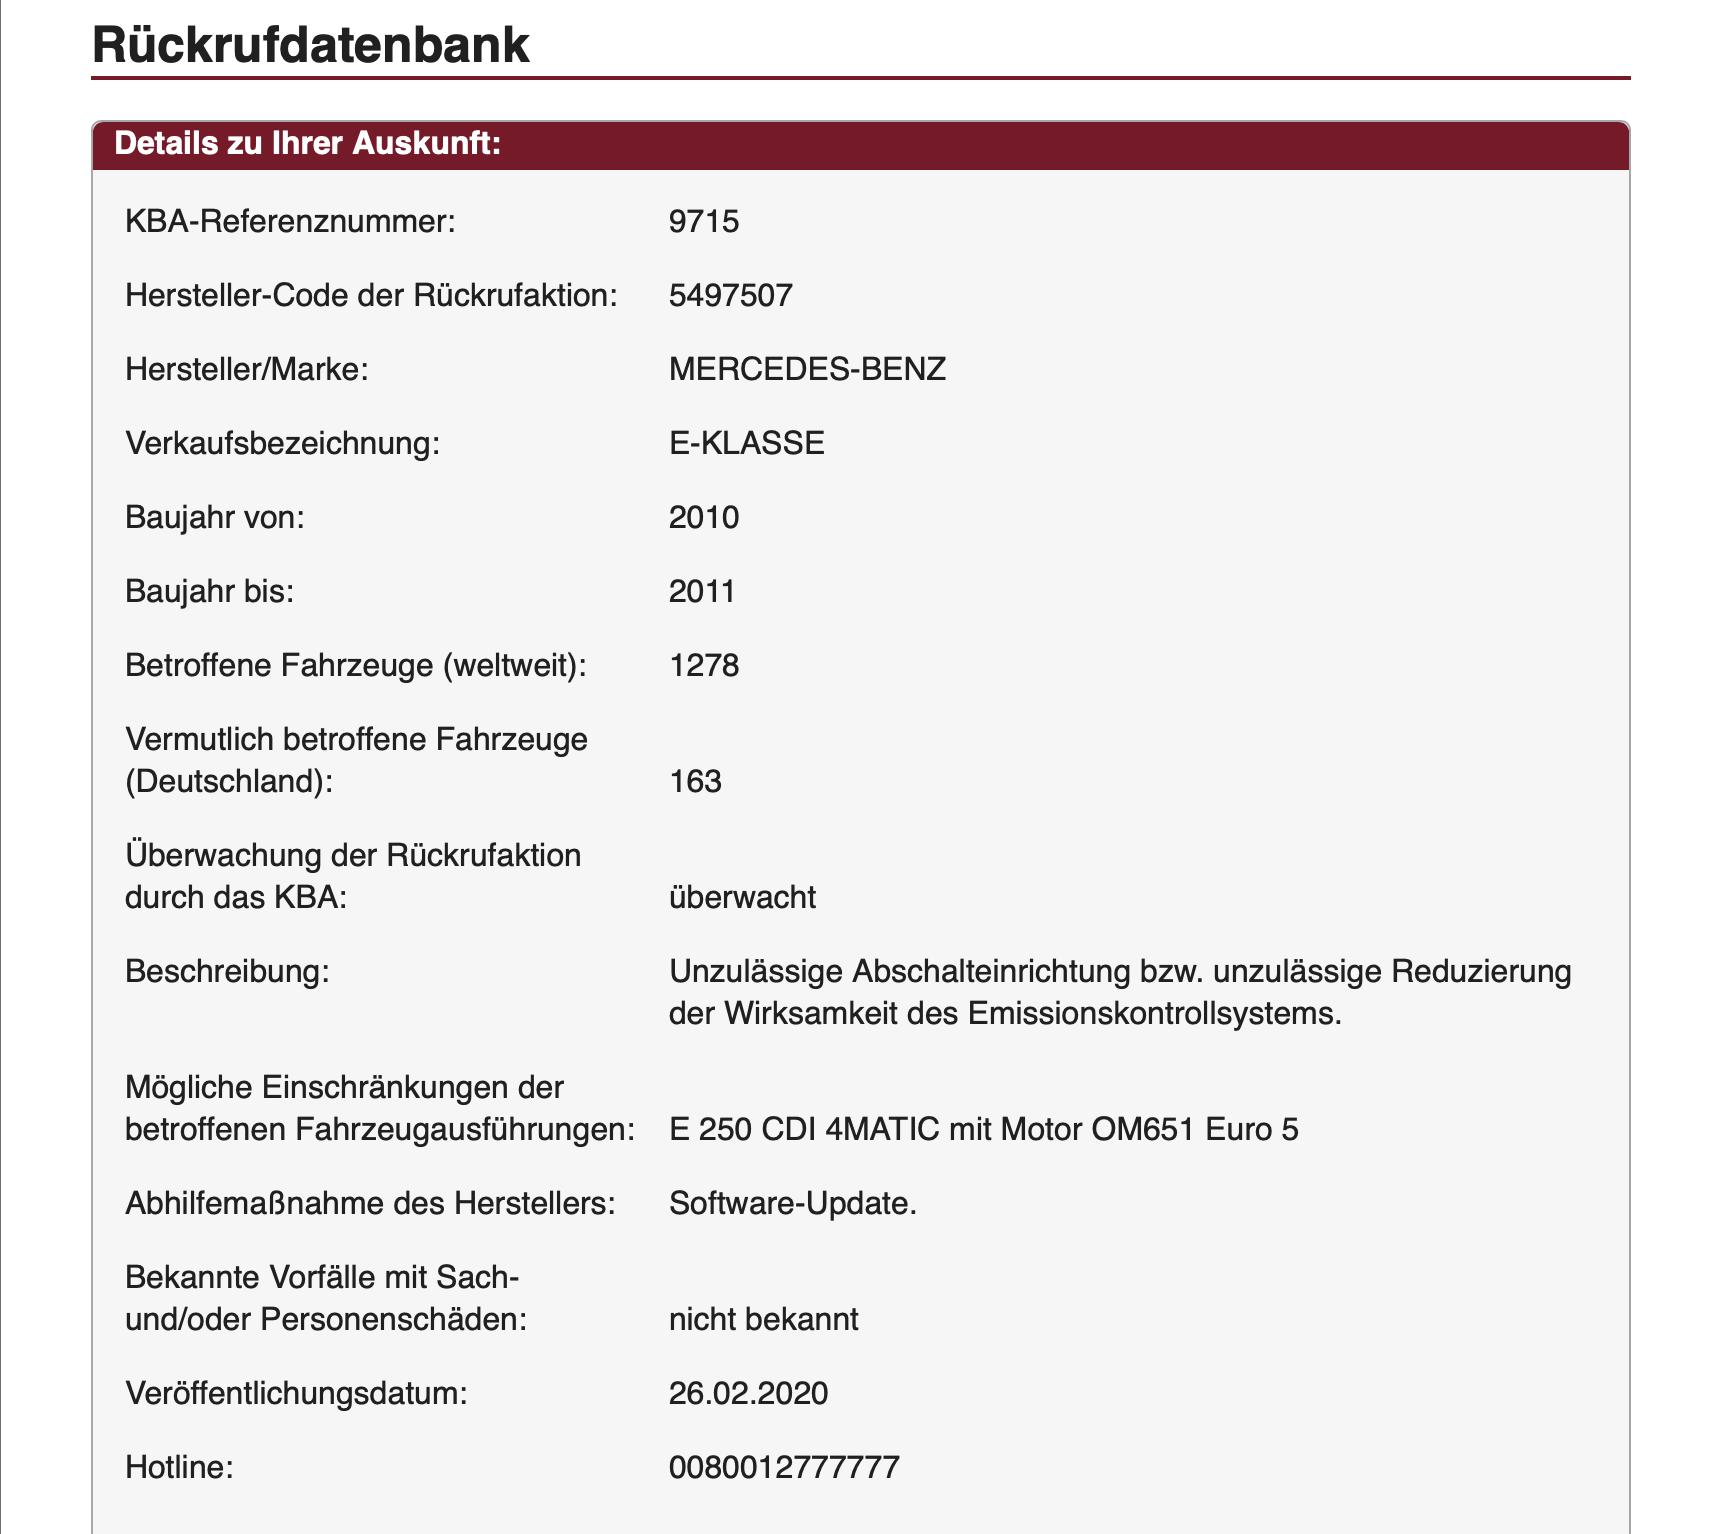 Abgasskandal Daimler: Rückruf 9715 Mercedes Benz E-Klasse Servicemaßnahme 5497507